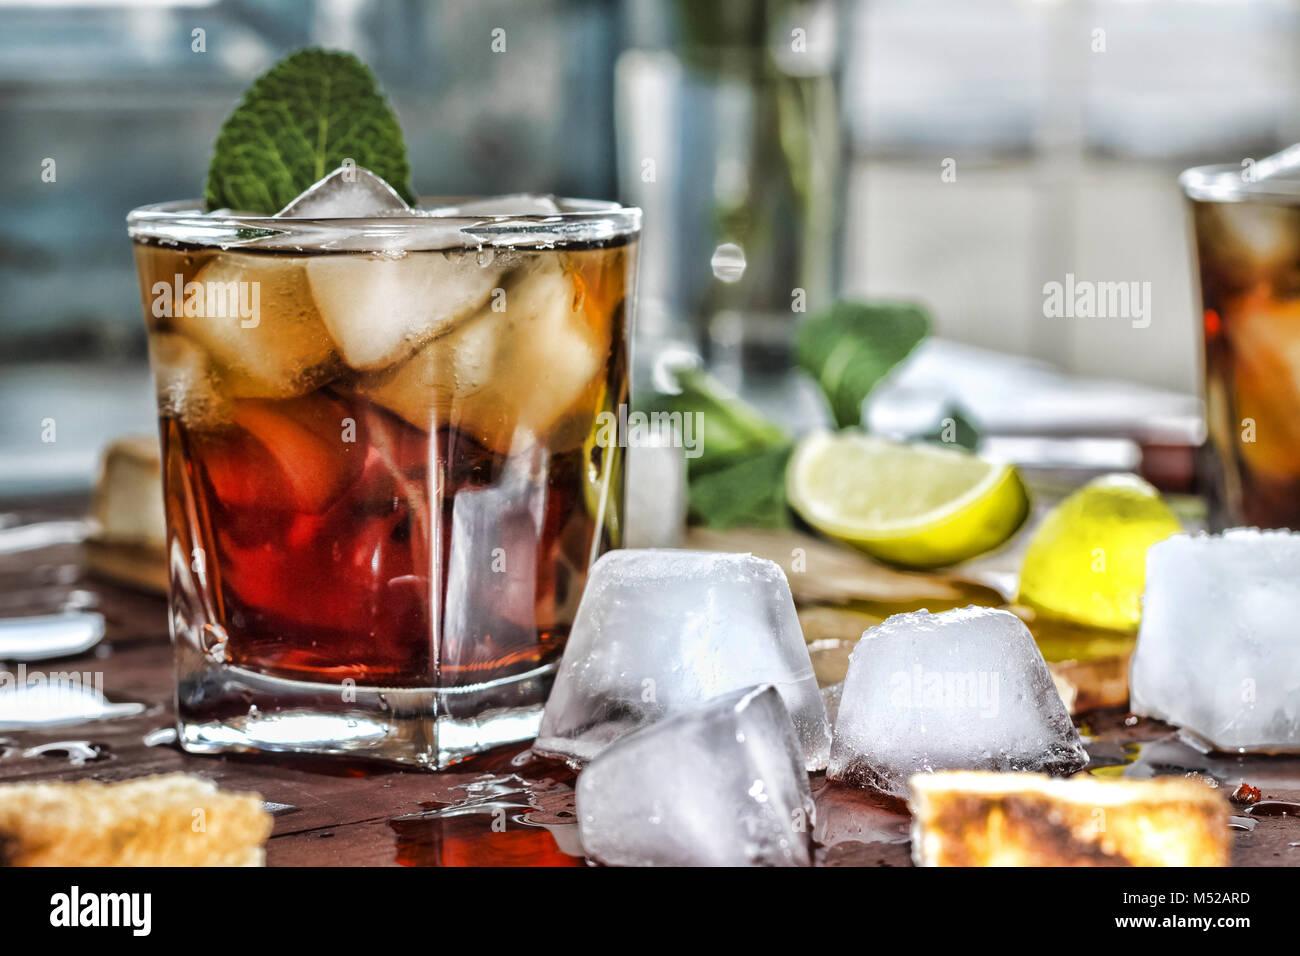 Il Rum ristoro bevanda alcolica Immagini Stock